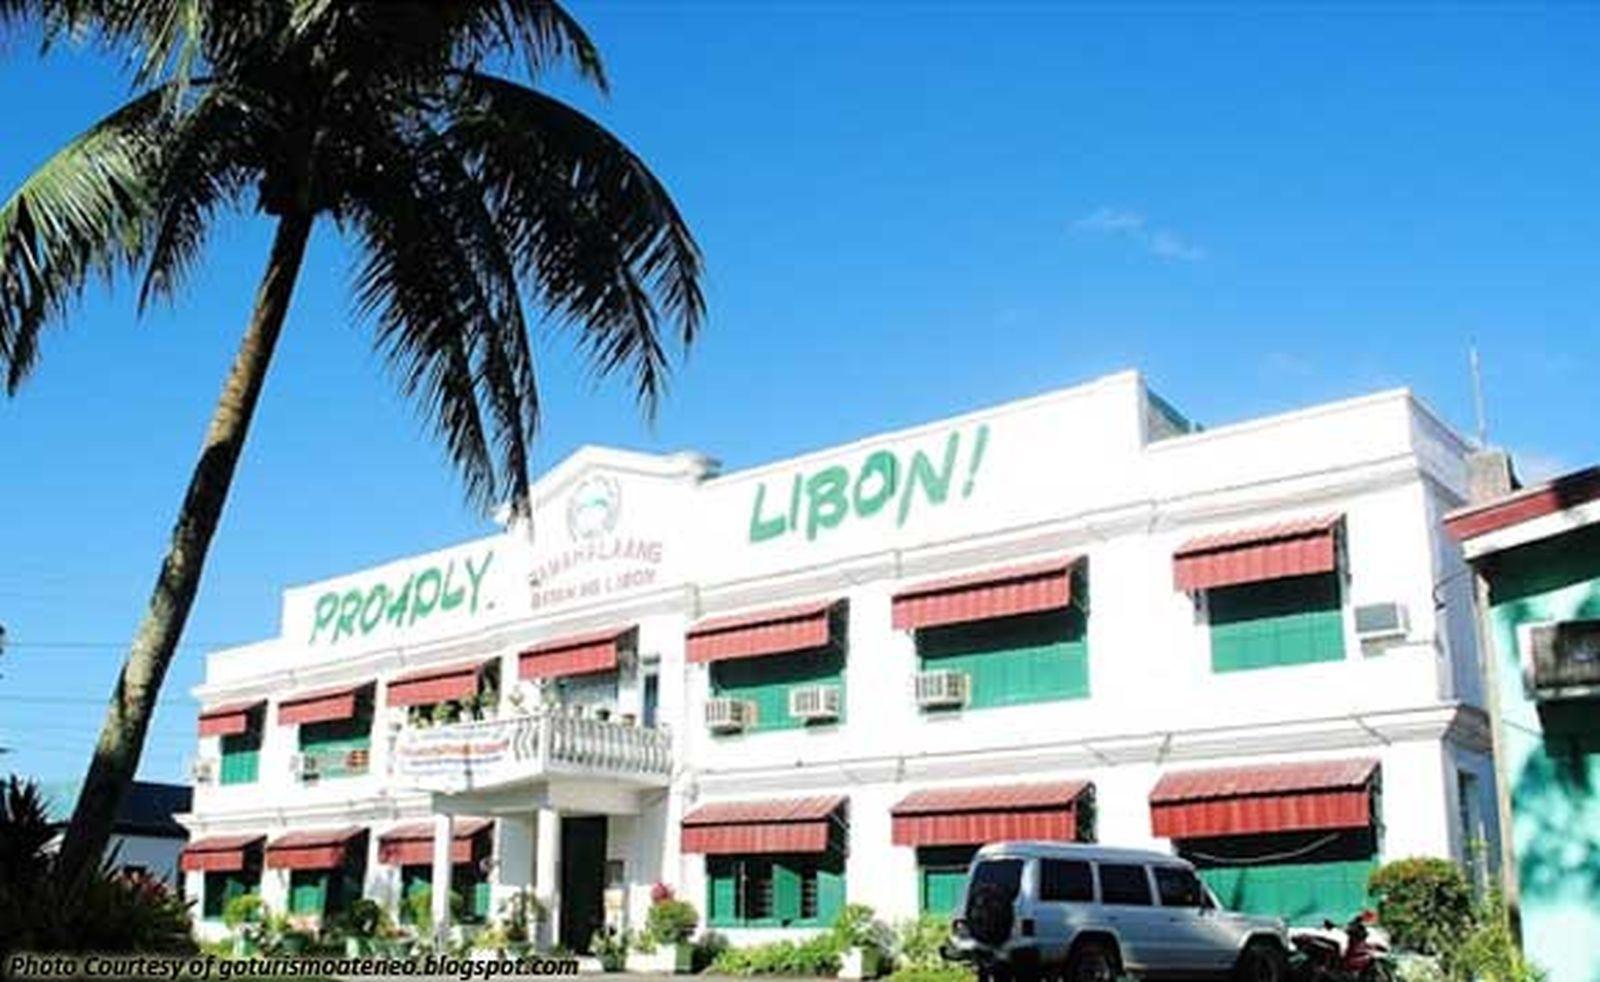 PHILIPPINEN REISEN - ORTE - SÜD-LUZON -ALBAY - Touristische Ortsbeschreibung für Libon